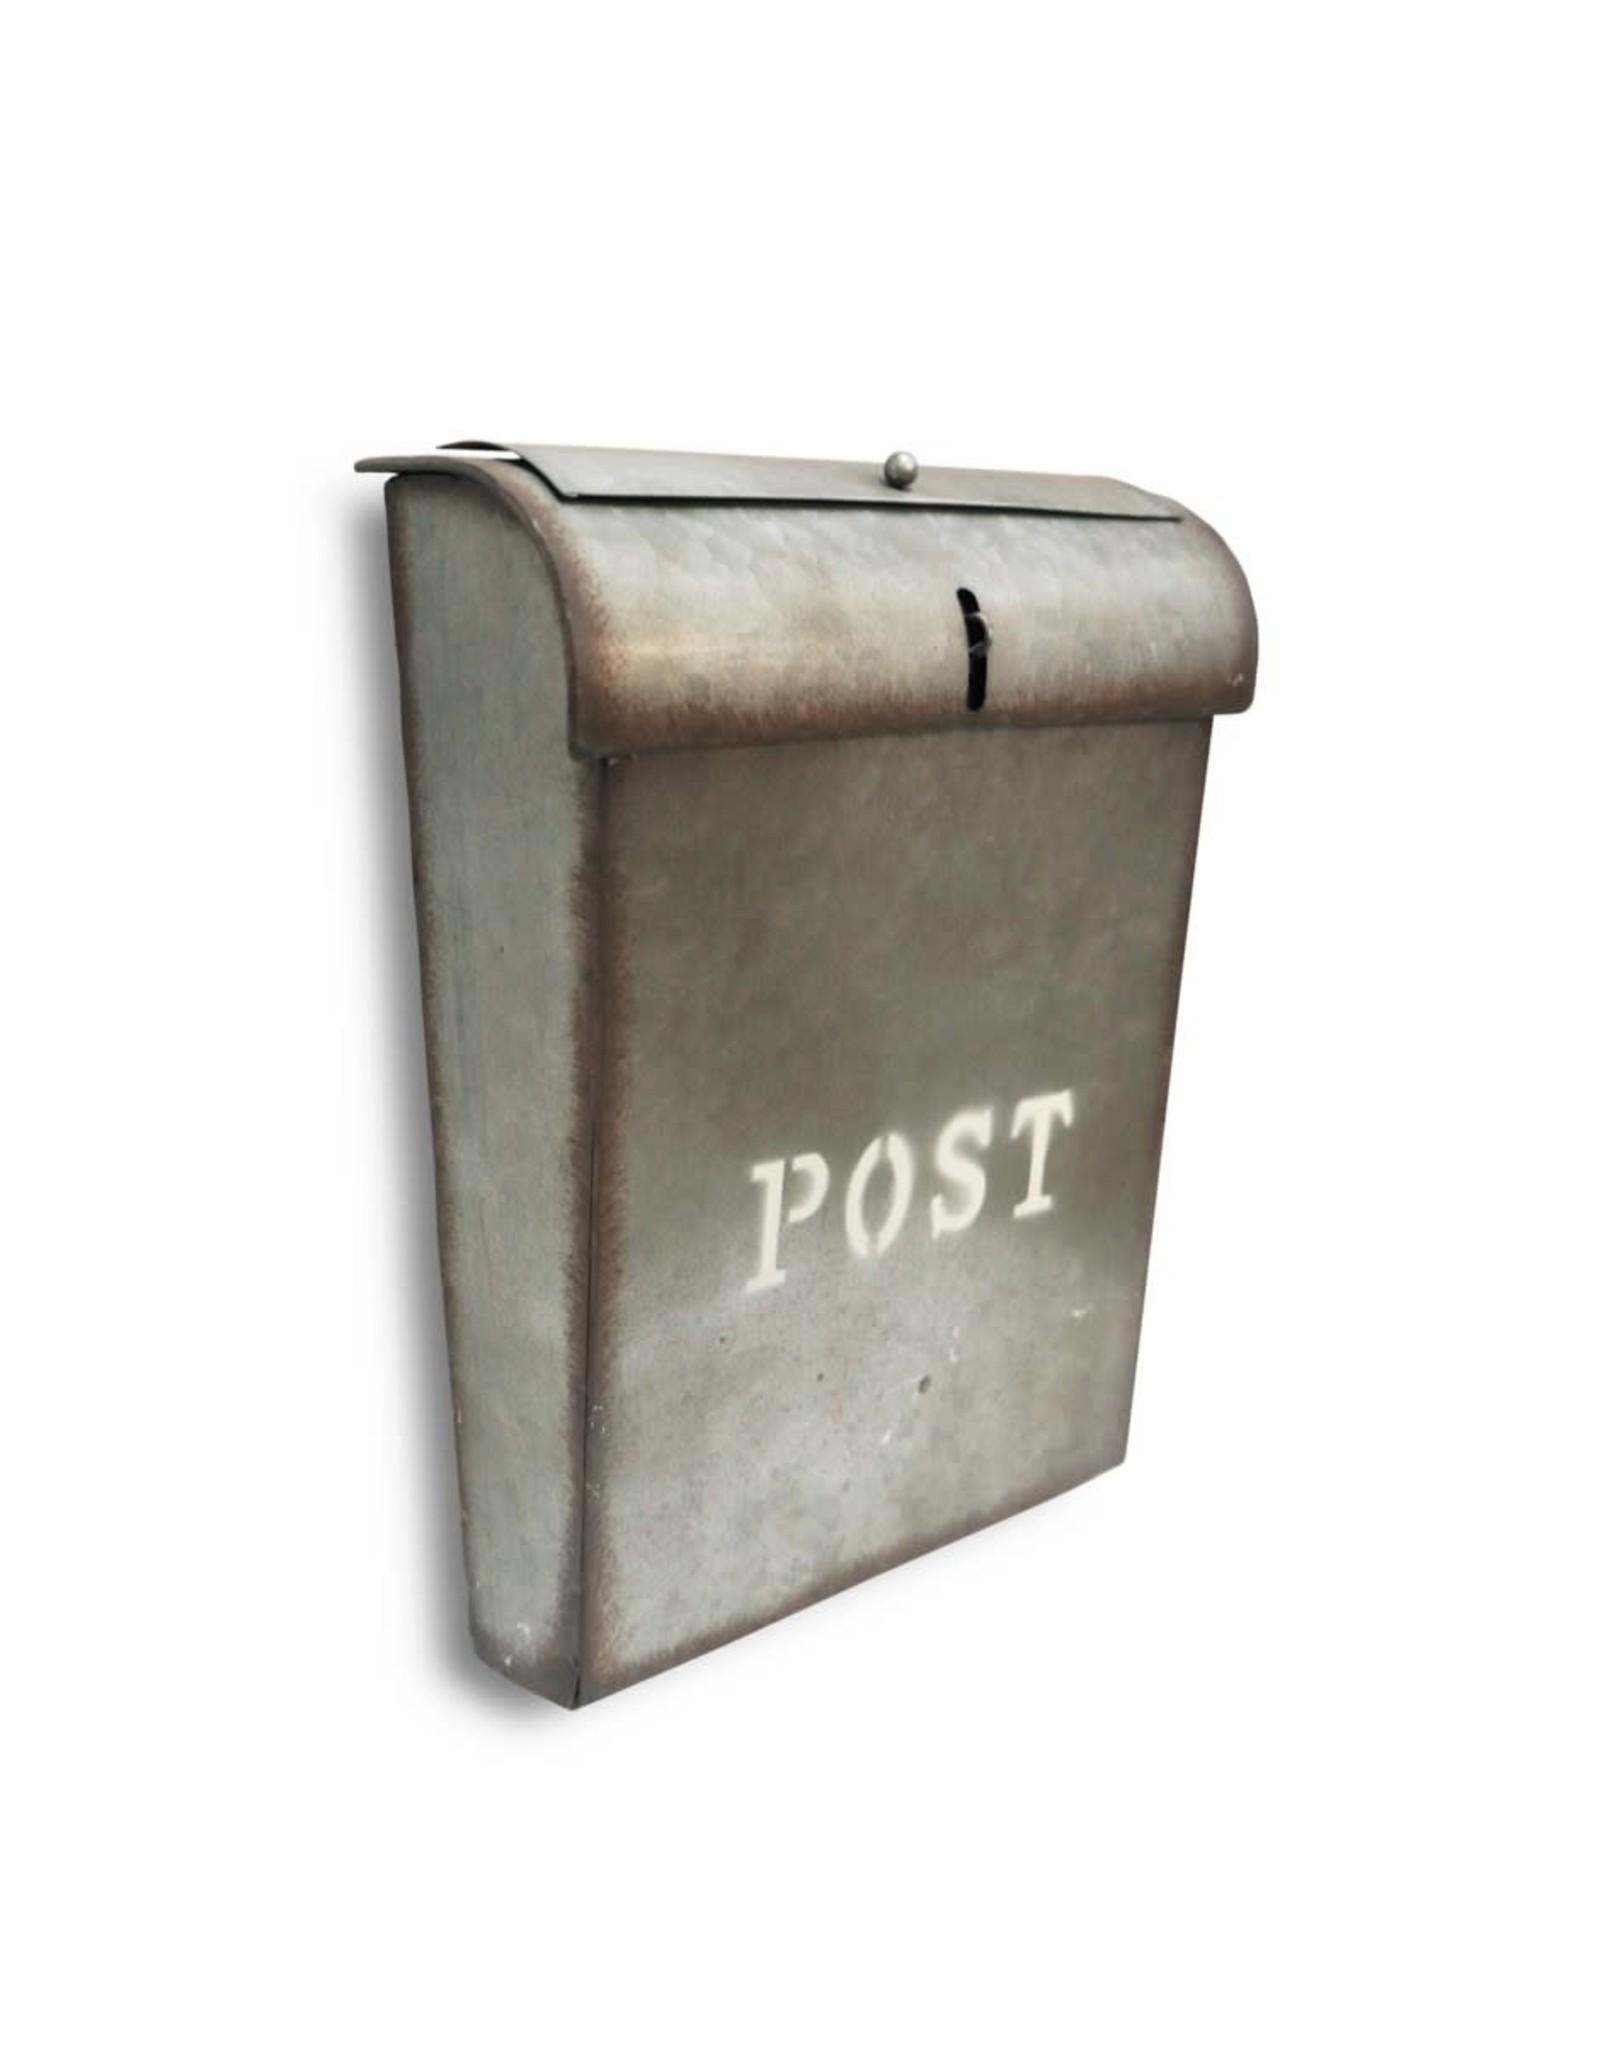 Boîte aux lettres en métal rustique (POST)